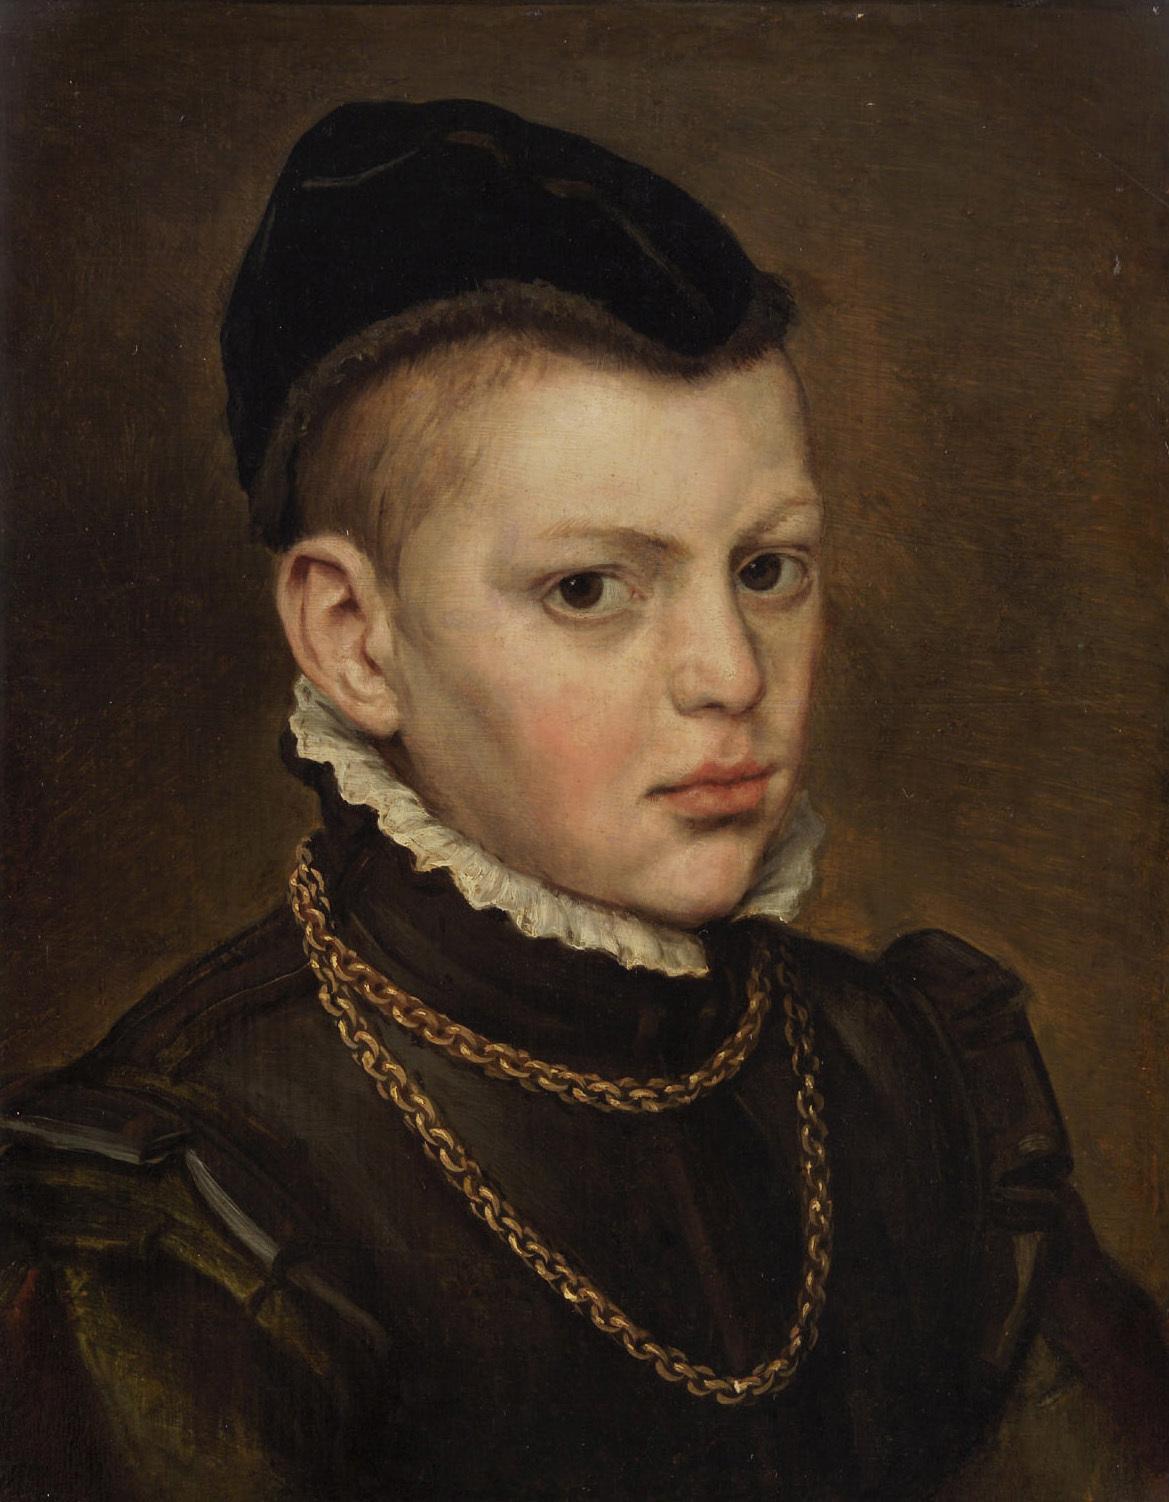 Brustbild eines Knaben von Frans de Vriendt, gen. Floris